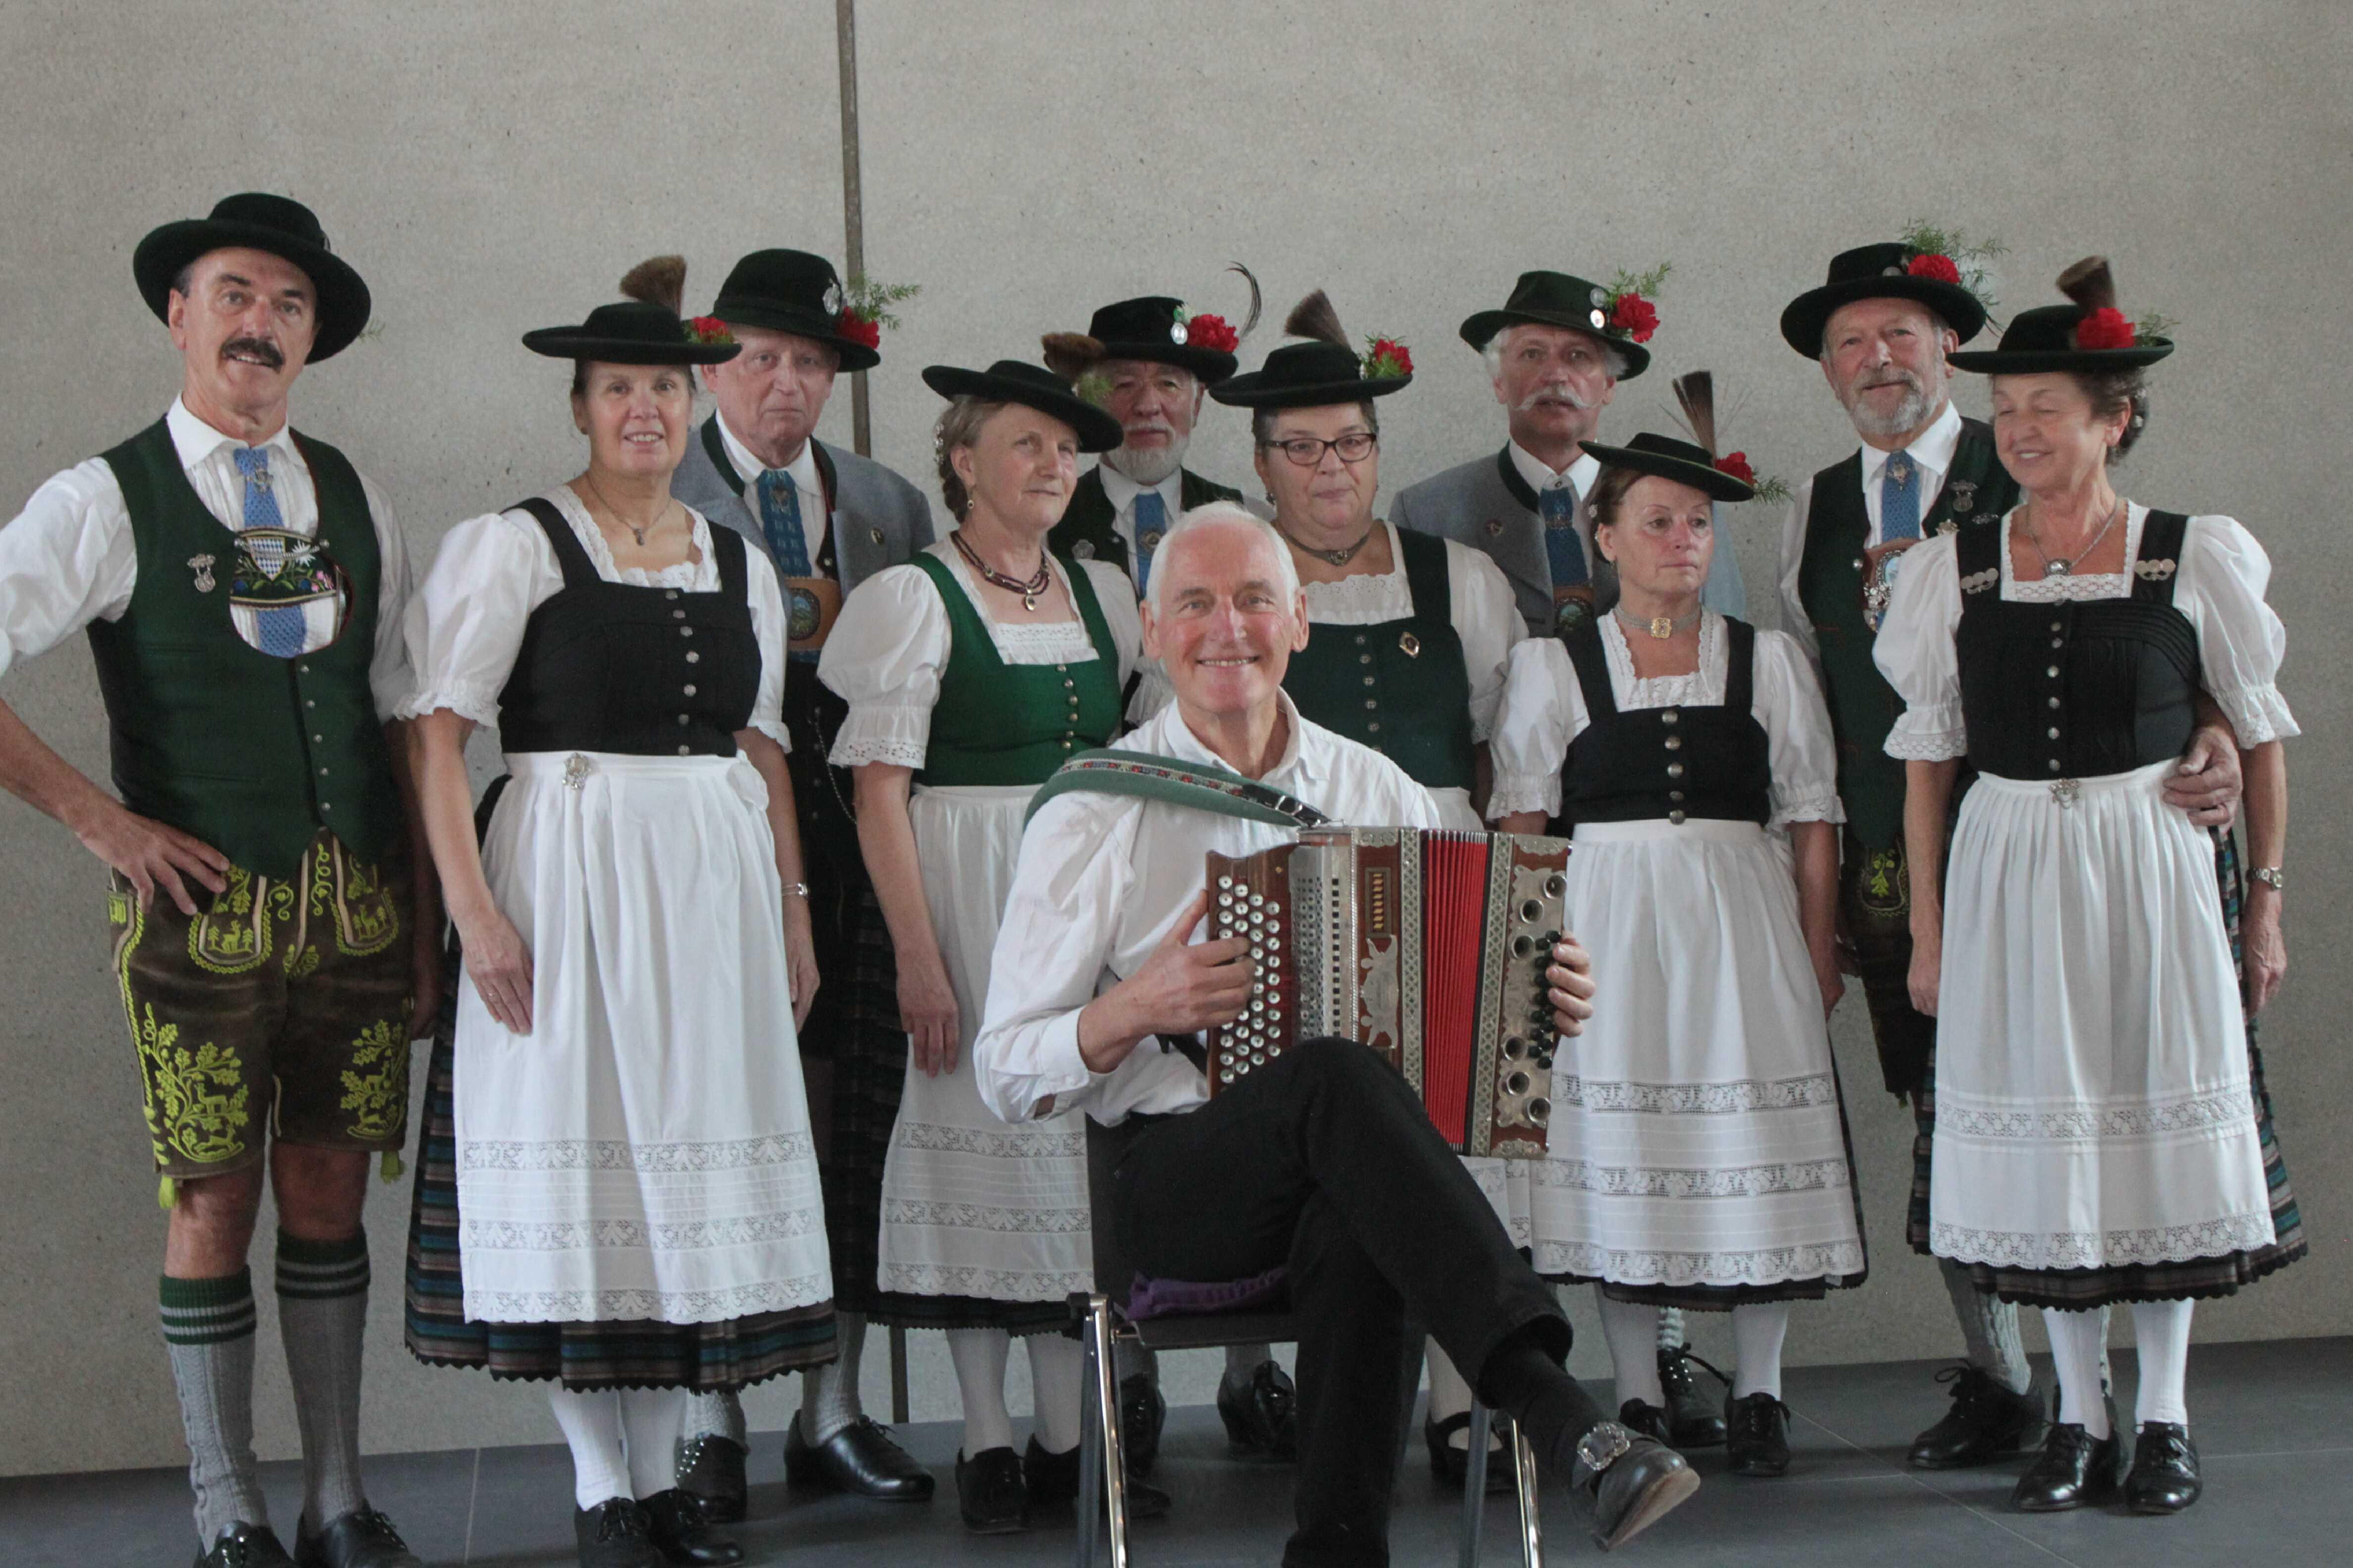 2016-10-13 Auftritt Pfarrzentrum St.Margaret, München-Sendling